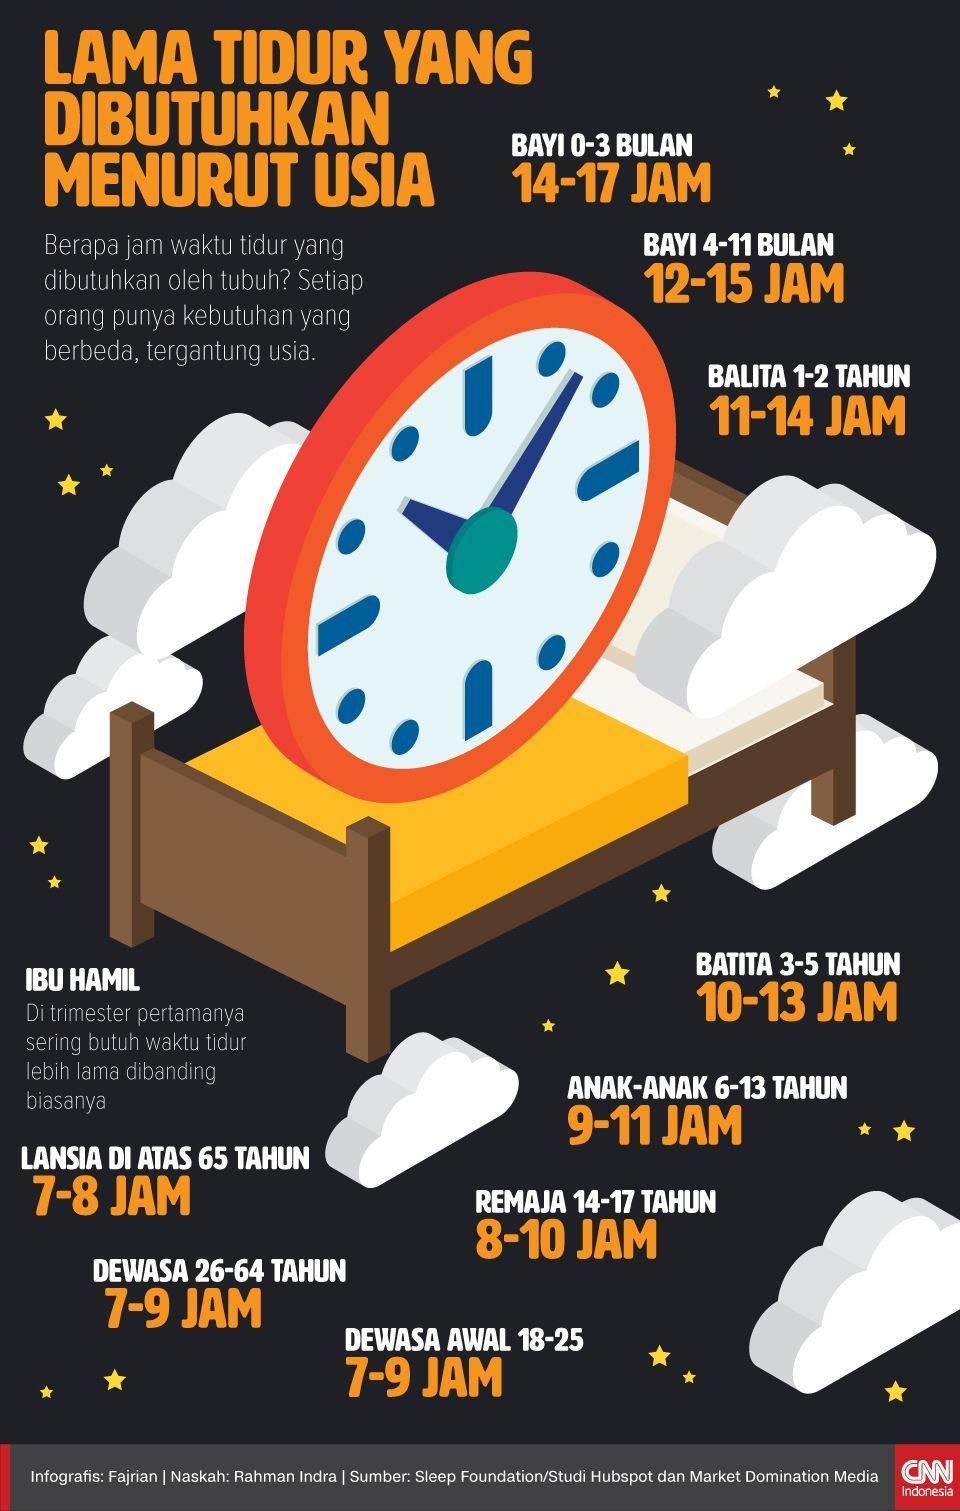 Infografis Lama Tidur yang Dibutuhkan menurut usia